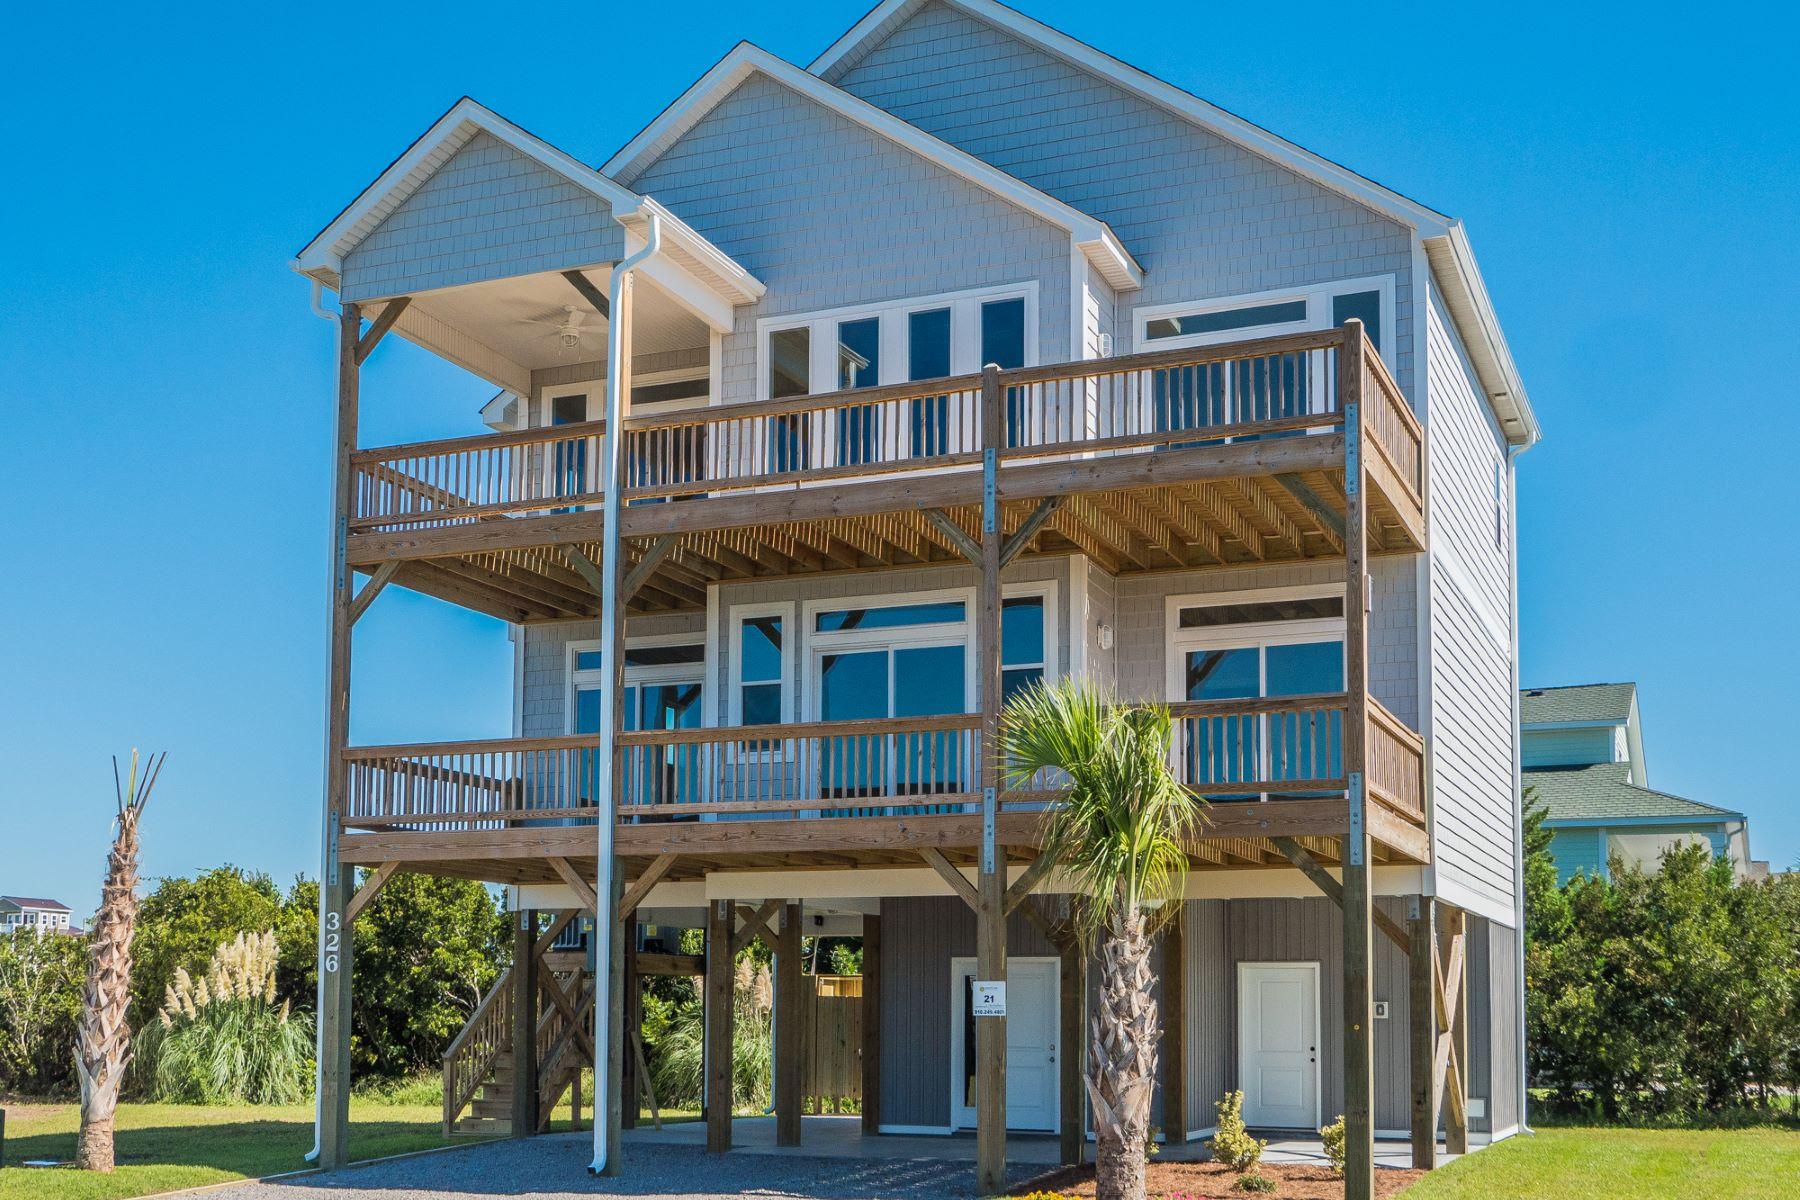 独户住宅 为 销售 在 Nautic Bay Island Home 316 Oceanaire Ln, Surf City, 北卡罗来纳州, 28445 美国